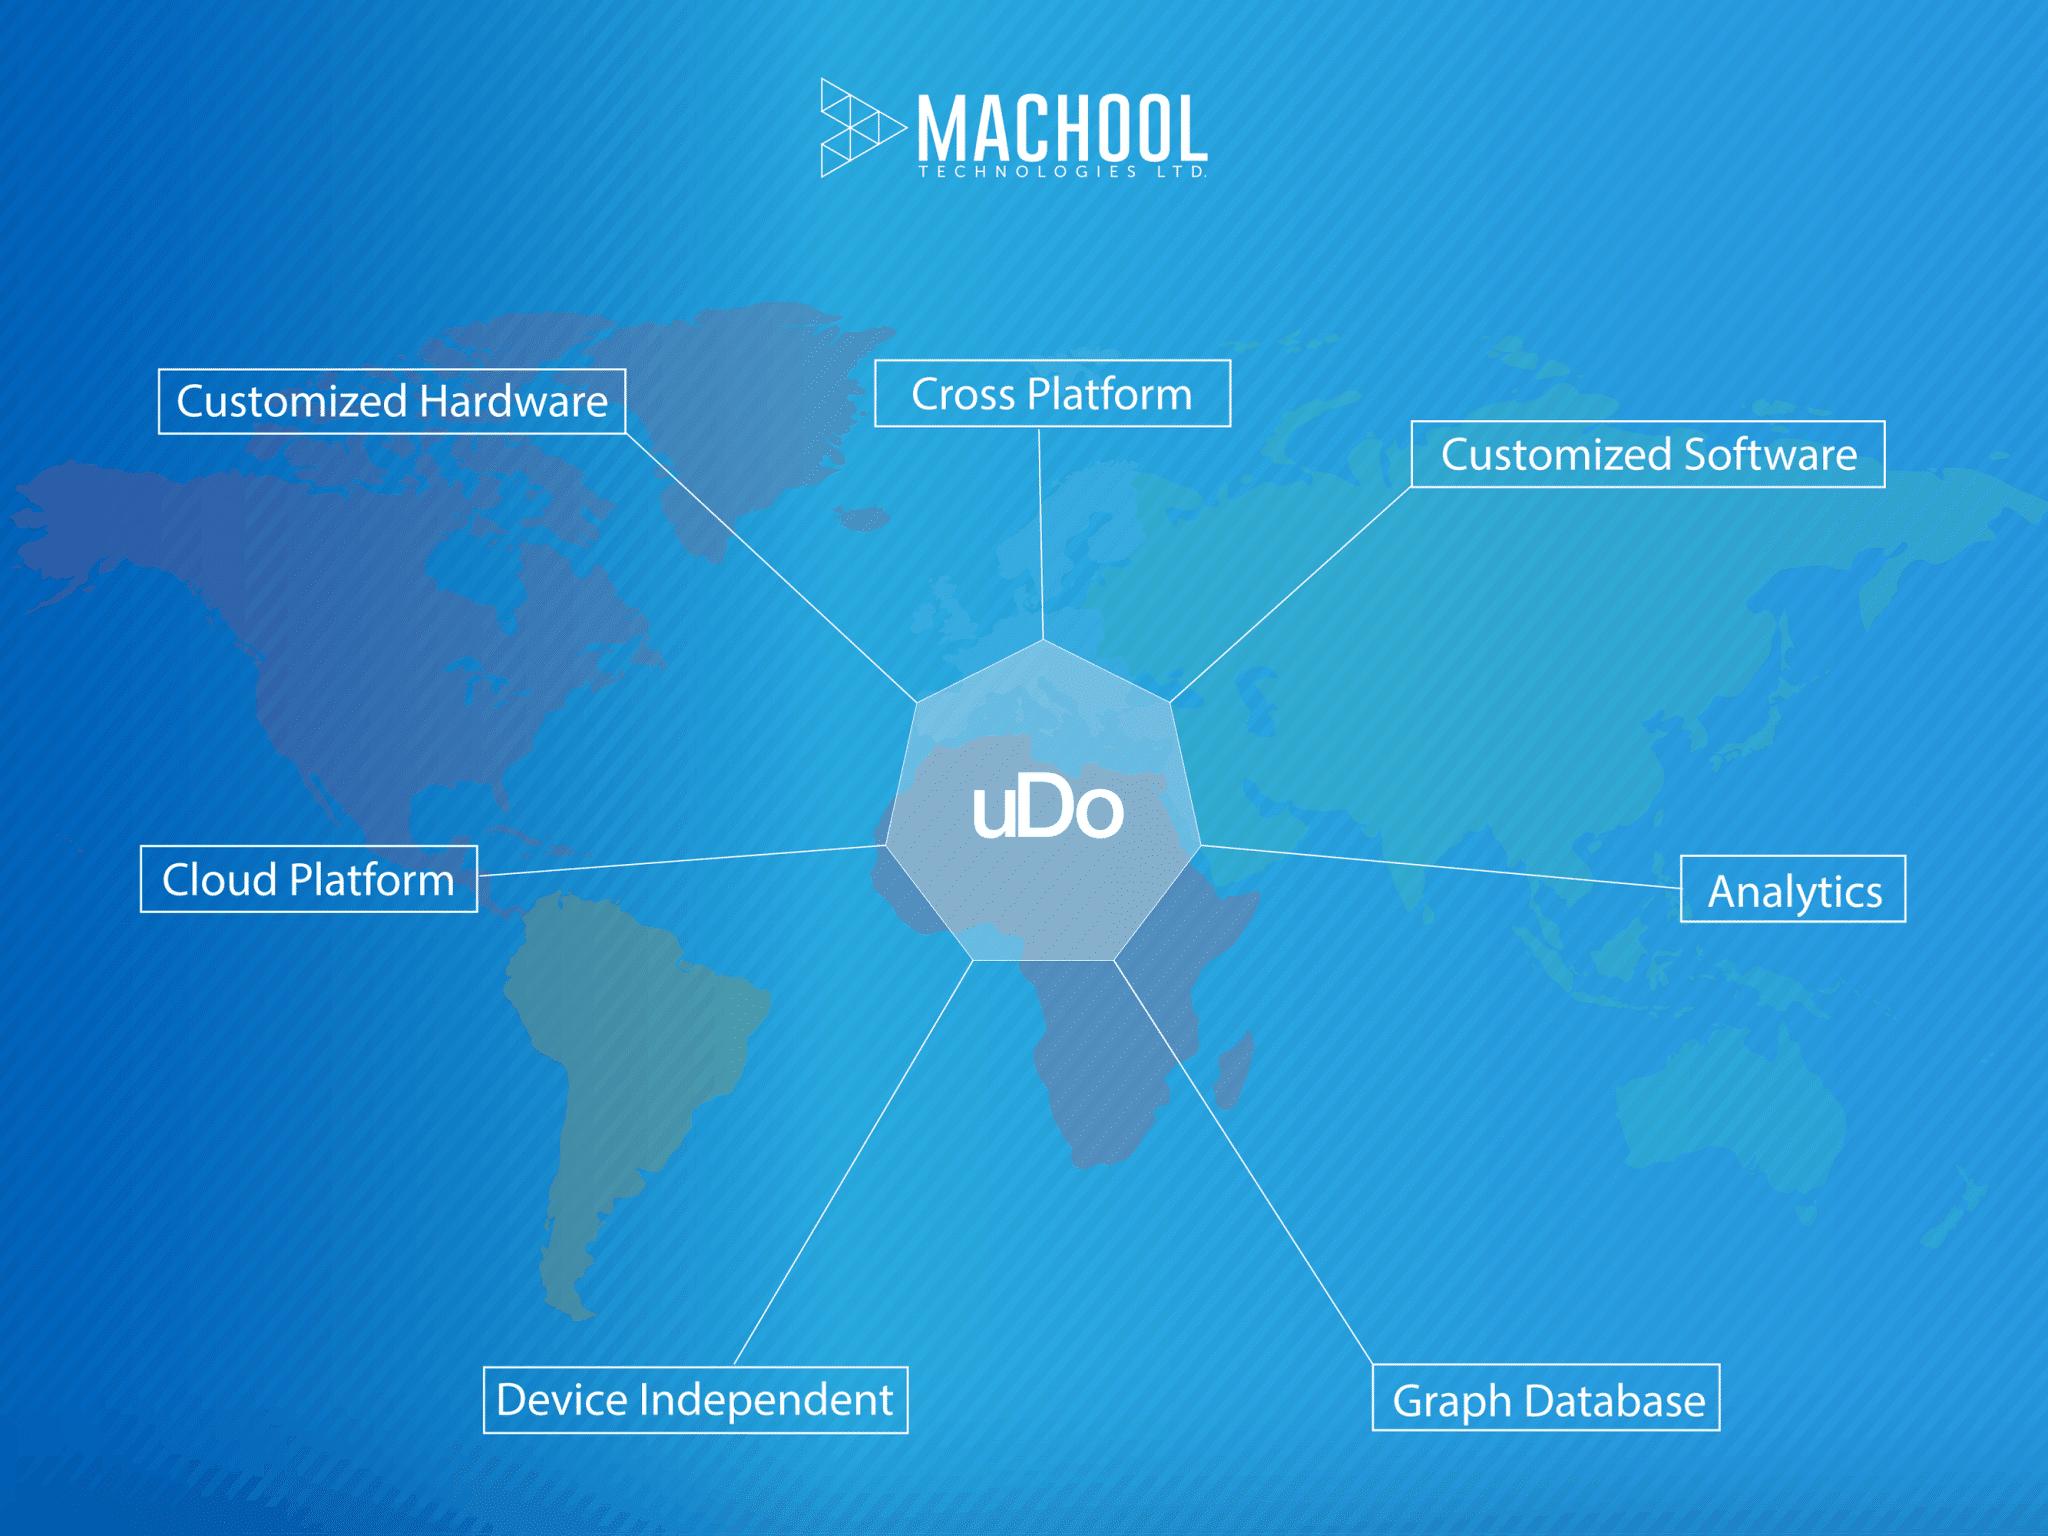 uDo Service